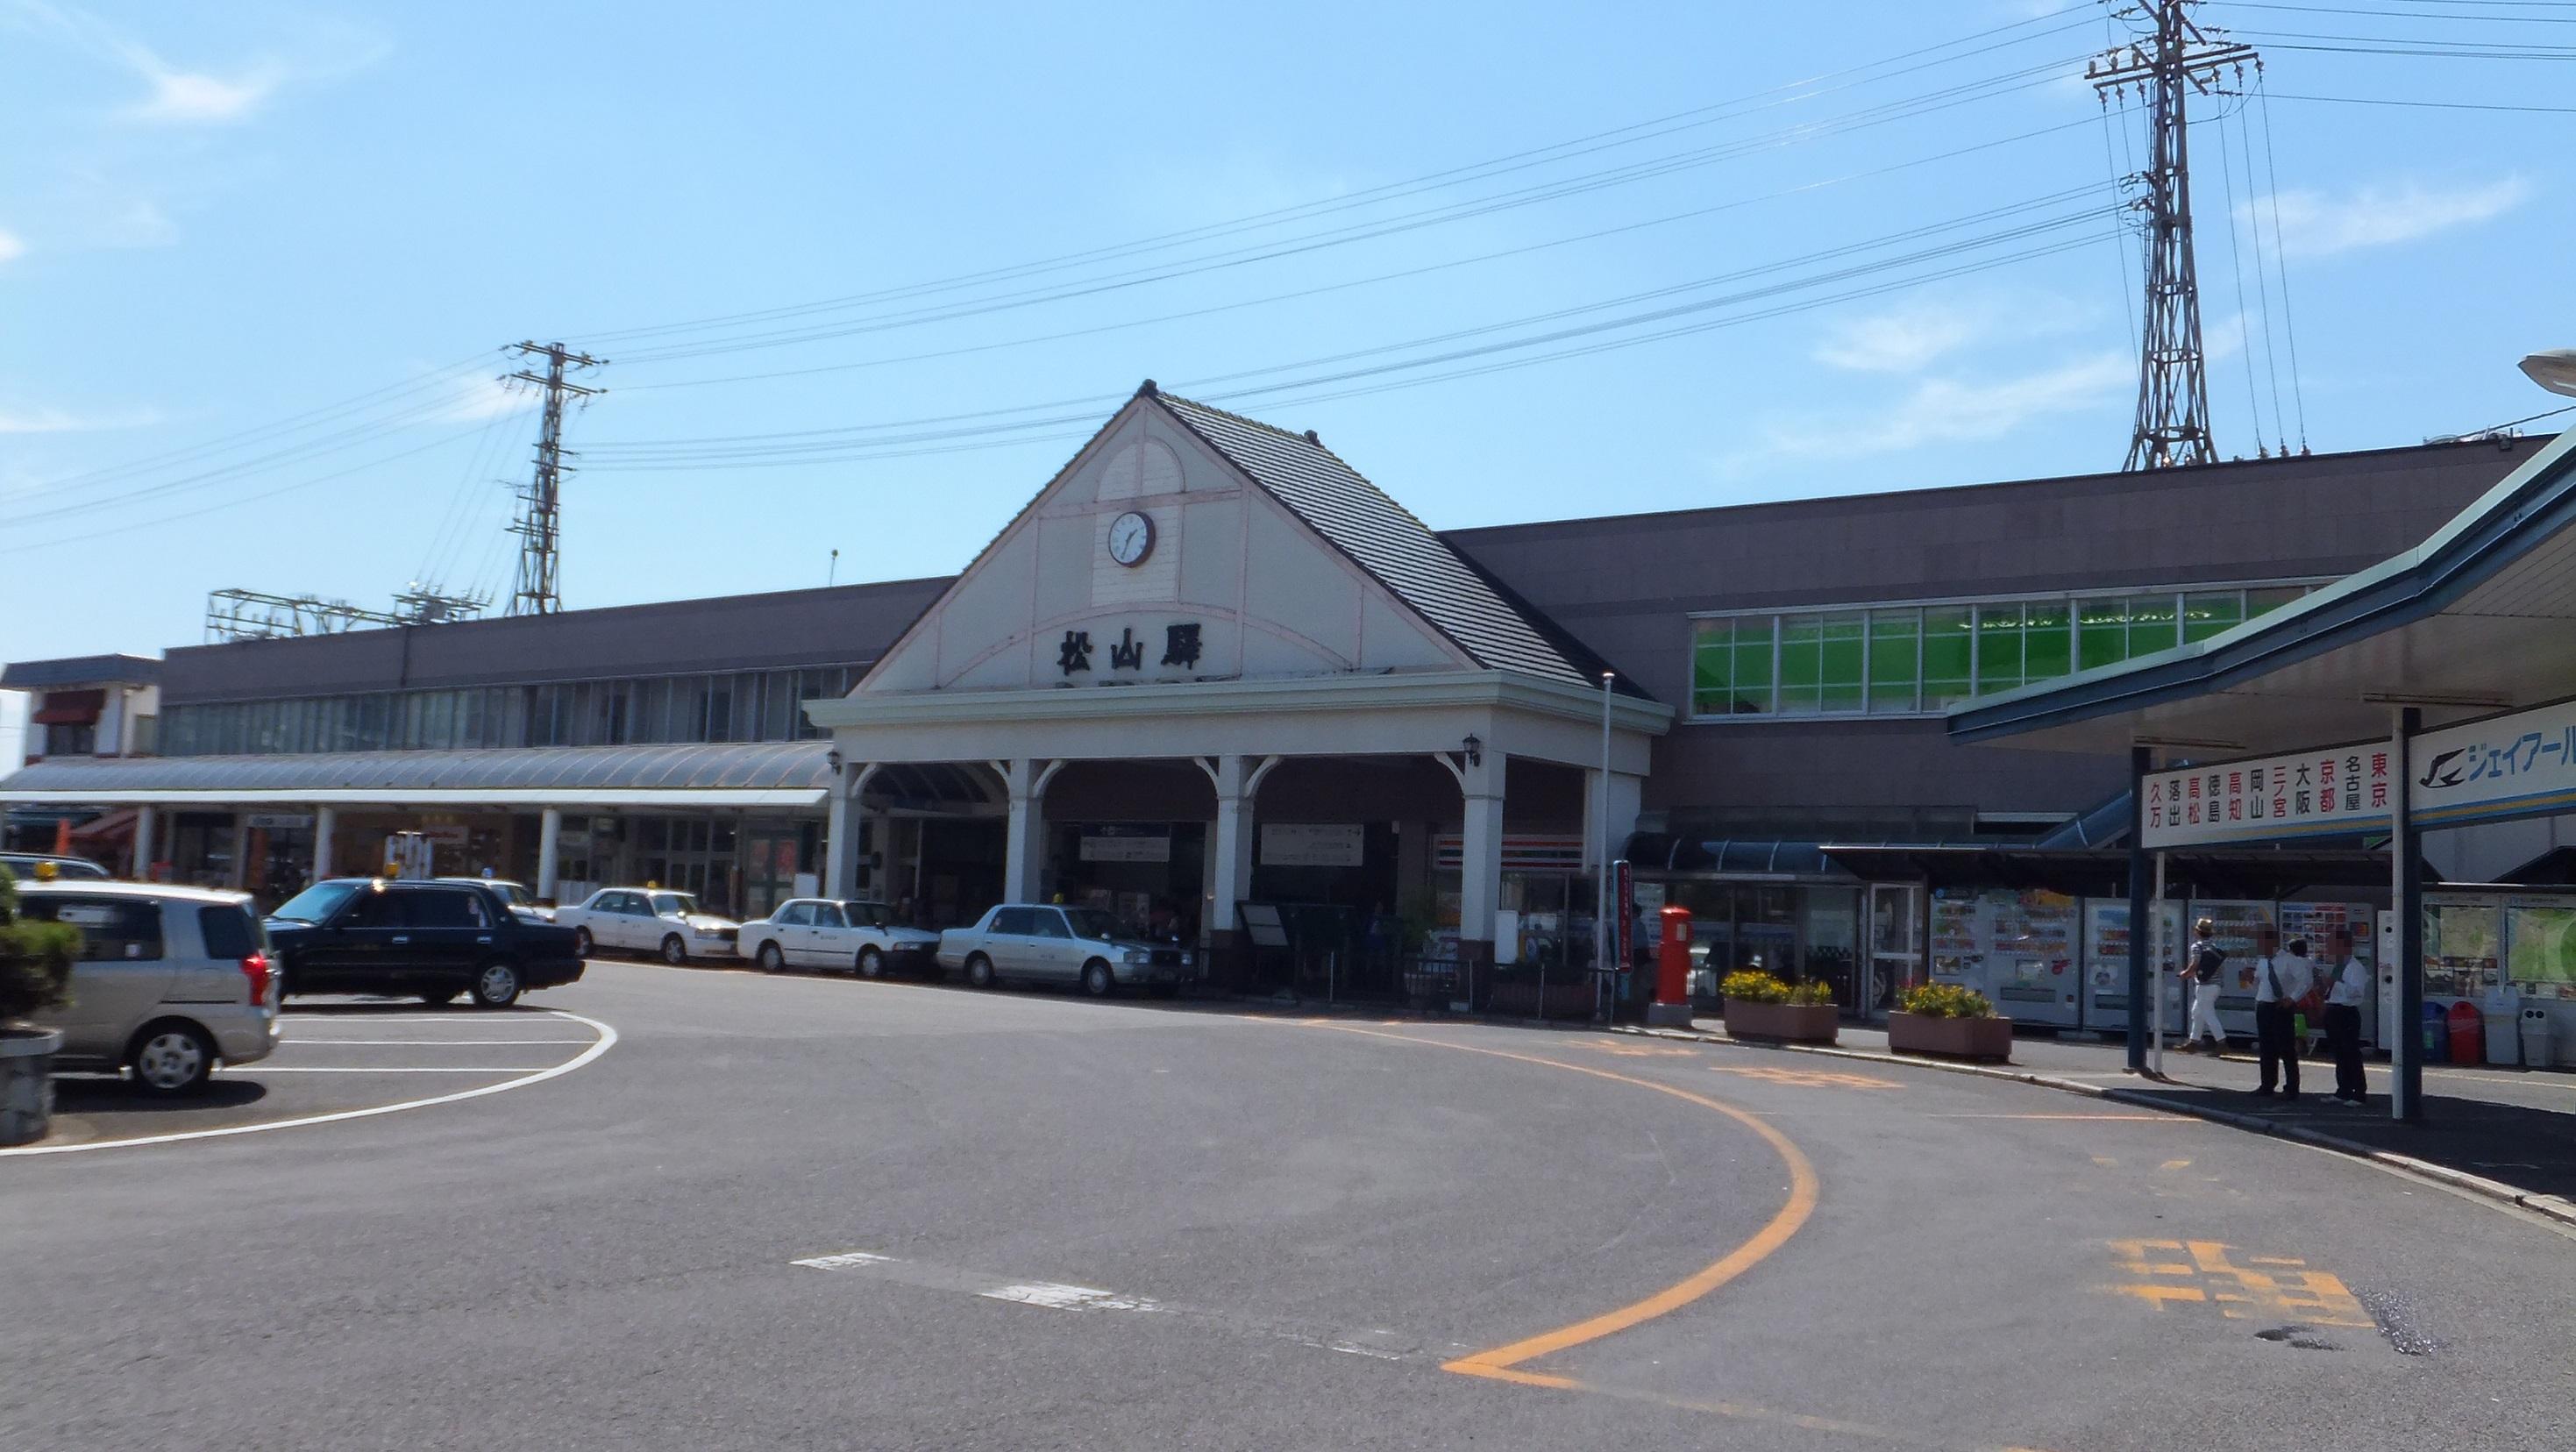 """""""Matsuyama Station (Ehime) 201509"""" by Sunport1216 - 投稿者自身による作品. Licensed under CC 表示-継承 4.0 via ウィキメディア・コモンズ -"""